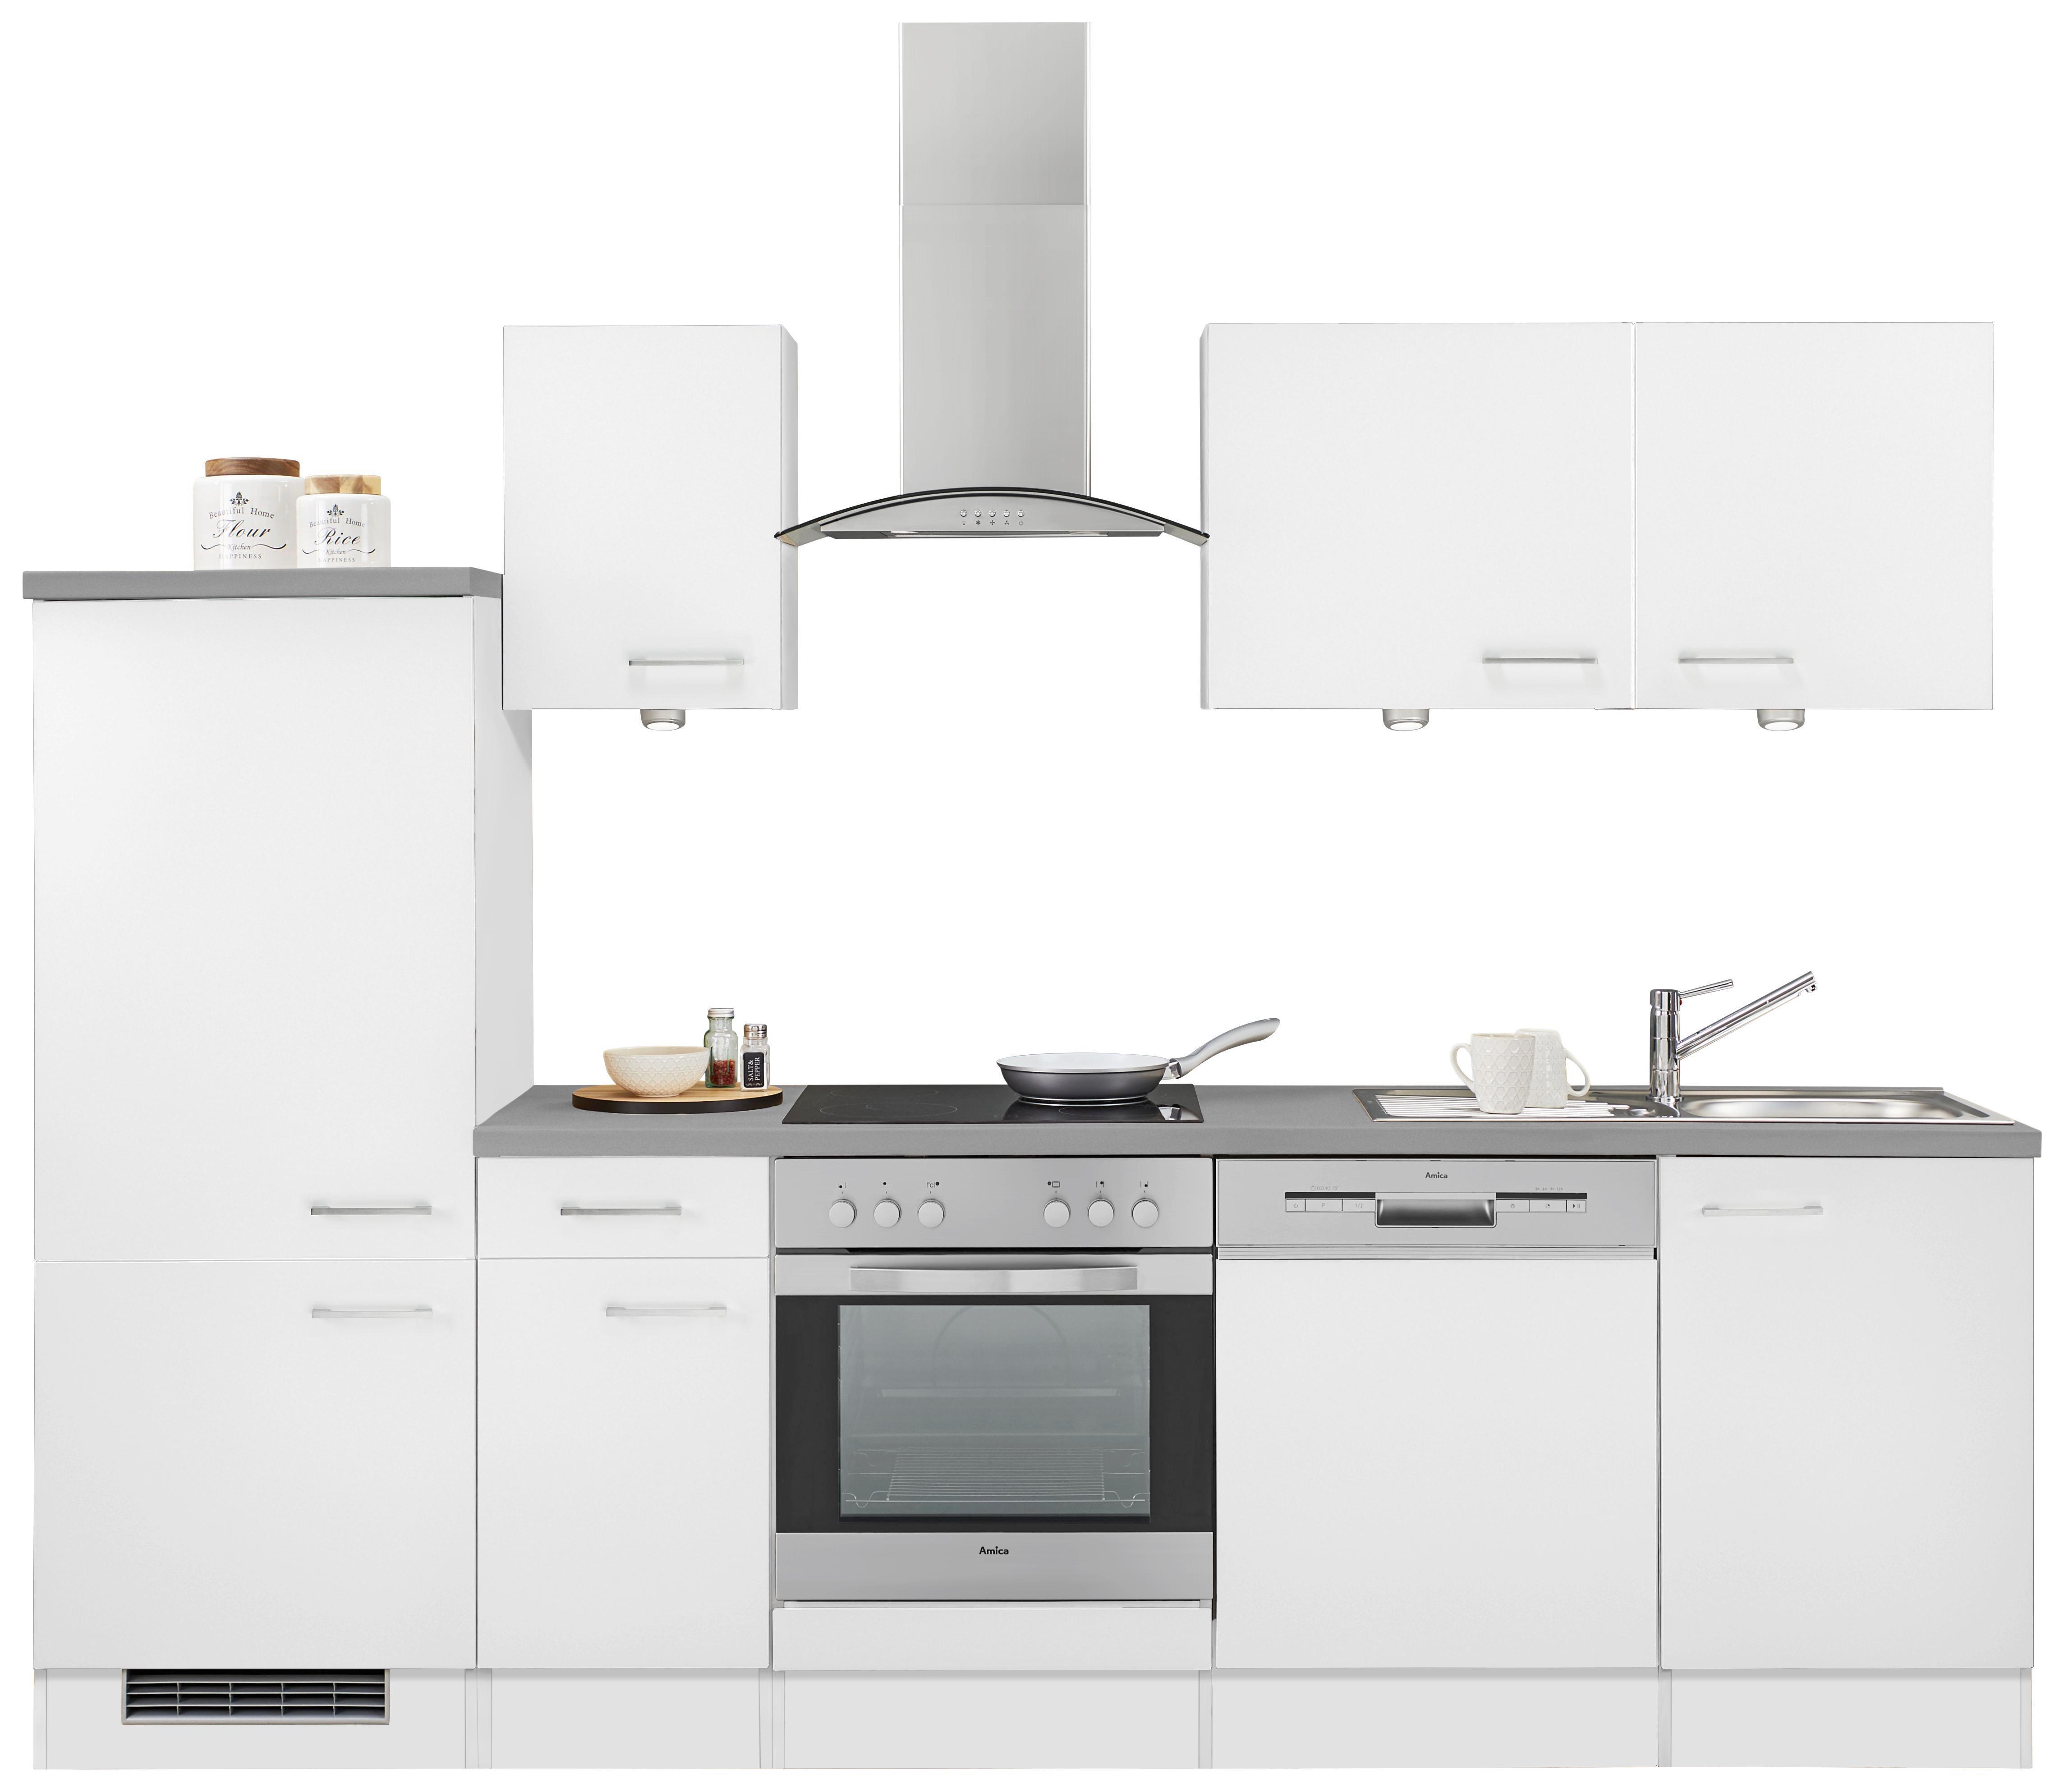 Ausgezeichnet Küchenplaner Apfel Zeitgenössisch - Küche Set Ideen ...